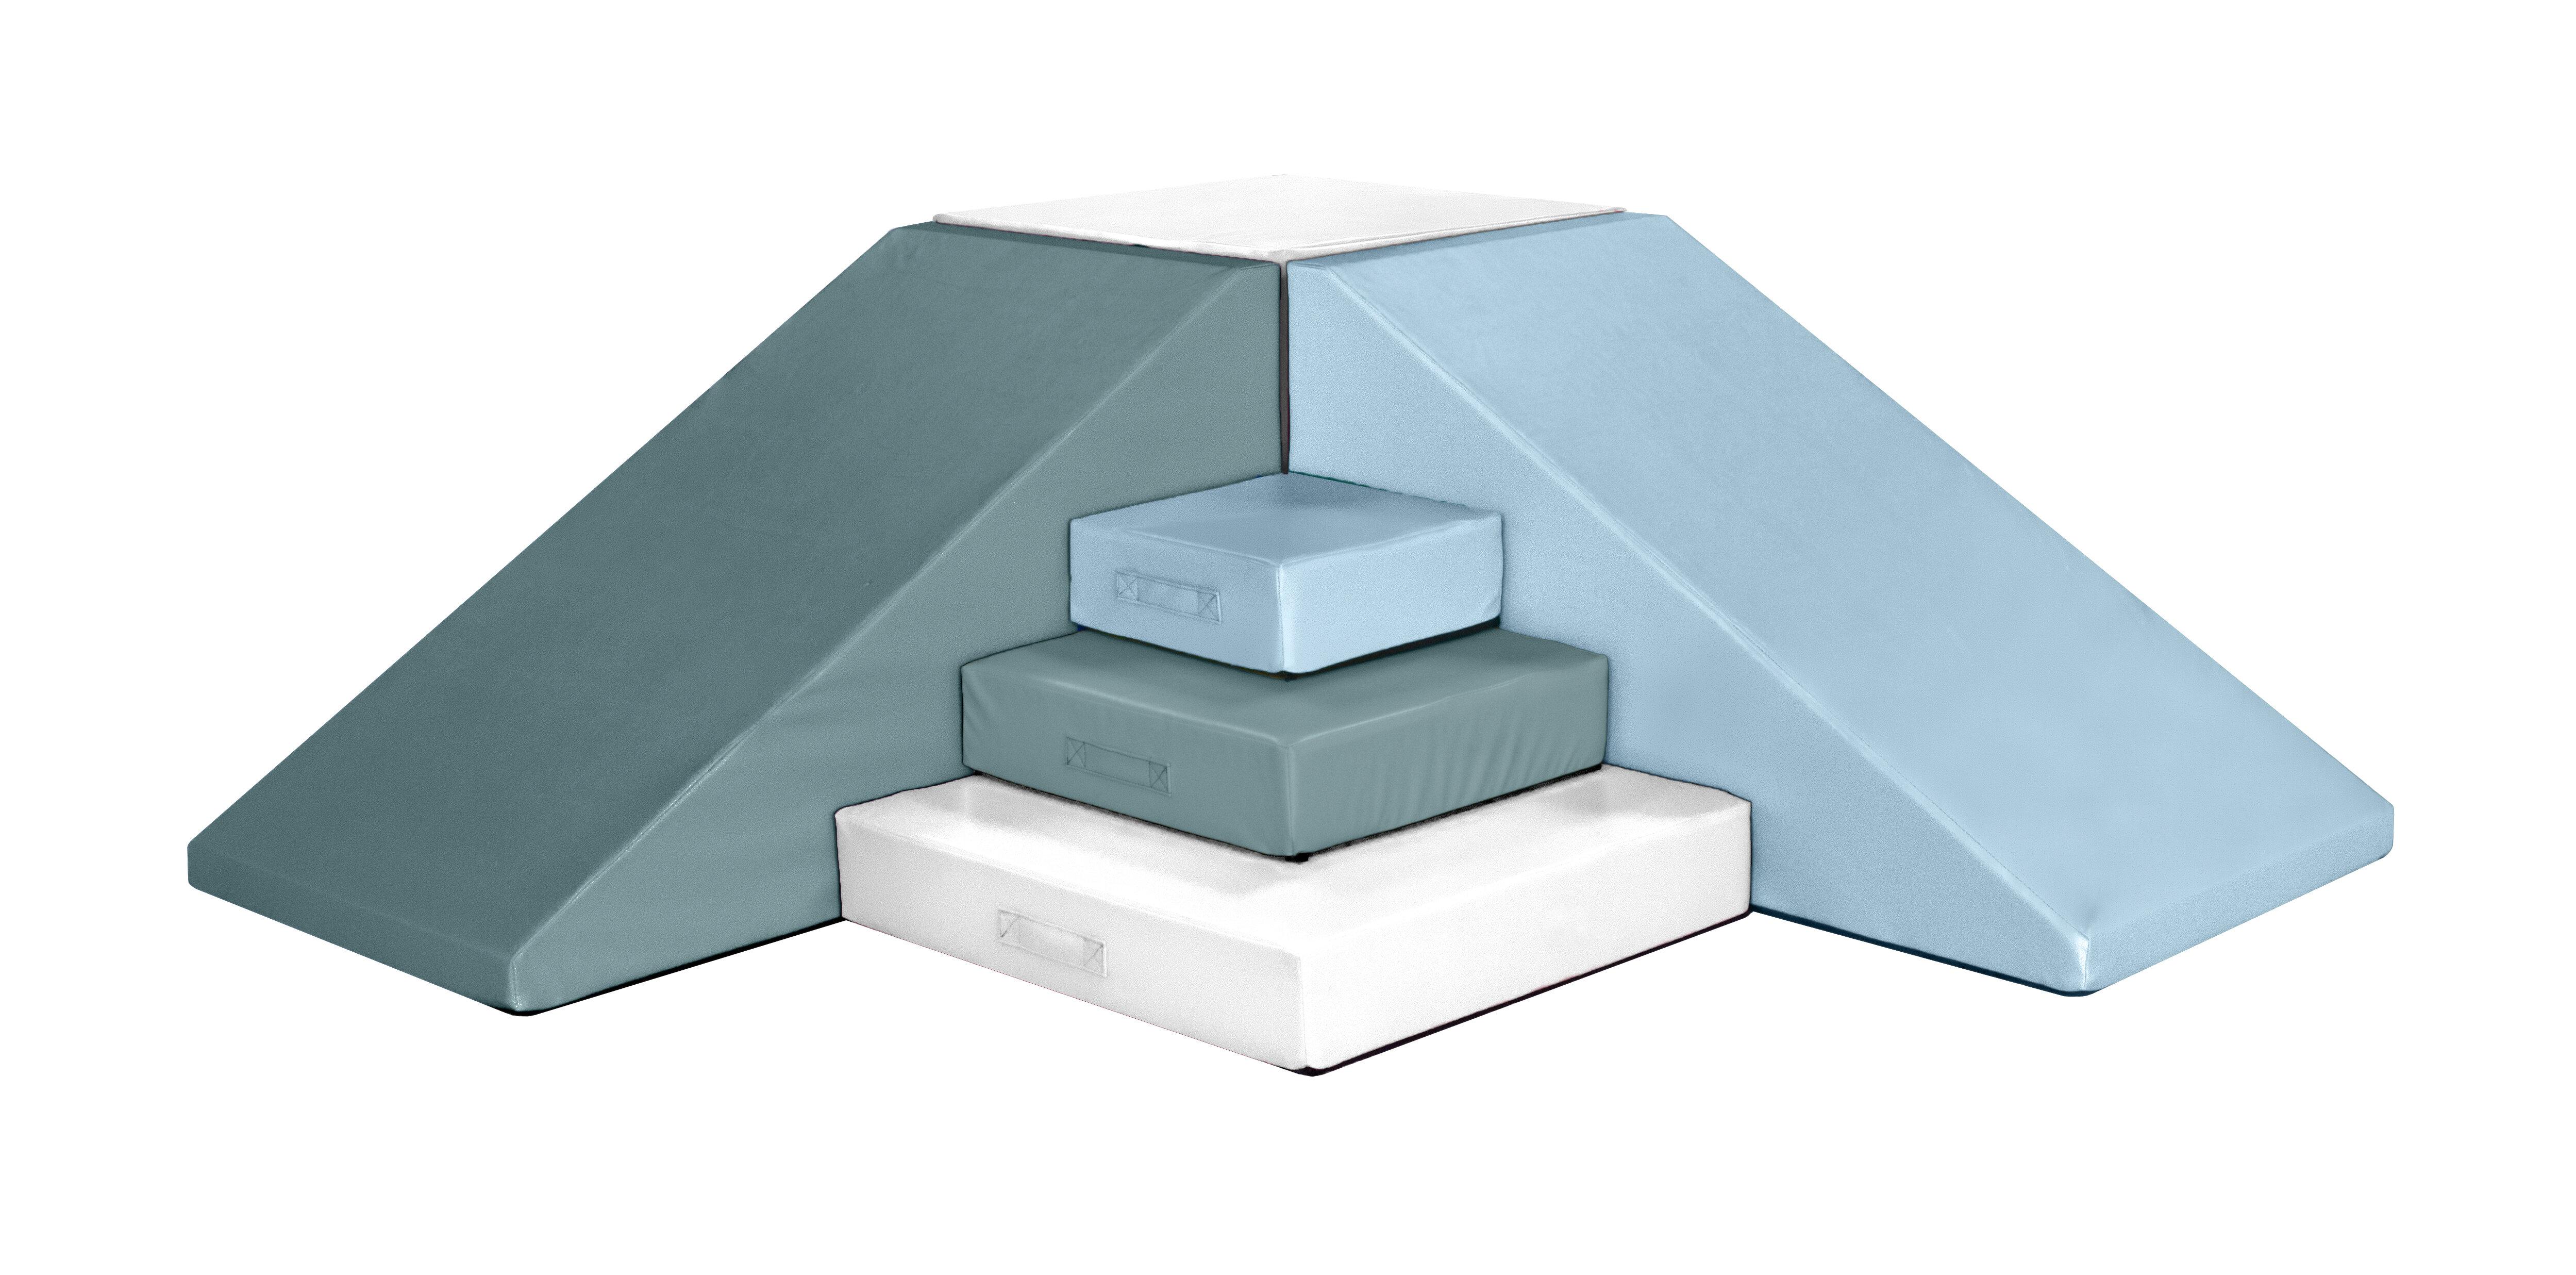 Foamnasium Block 1010